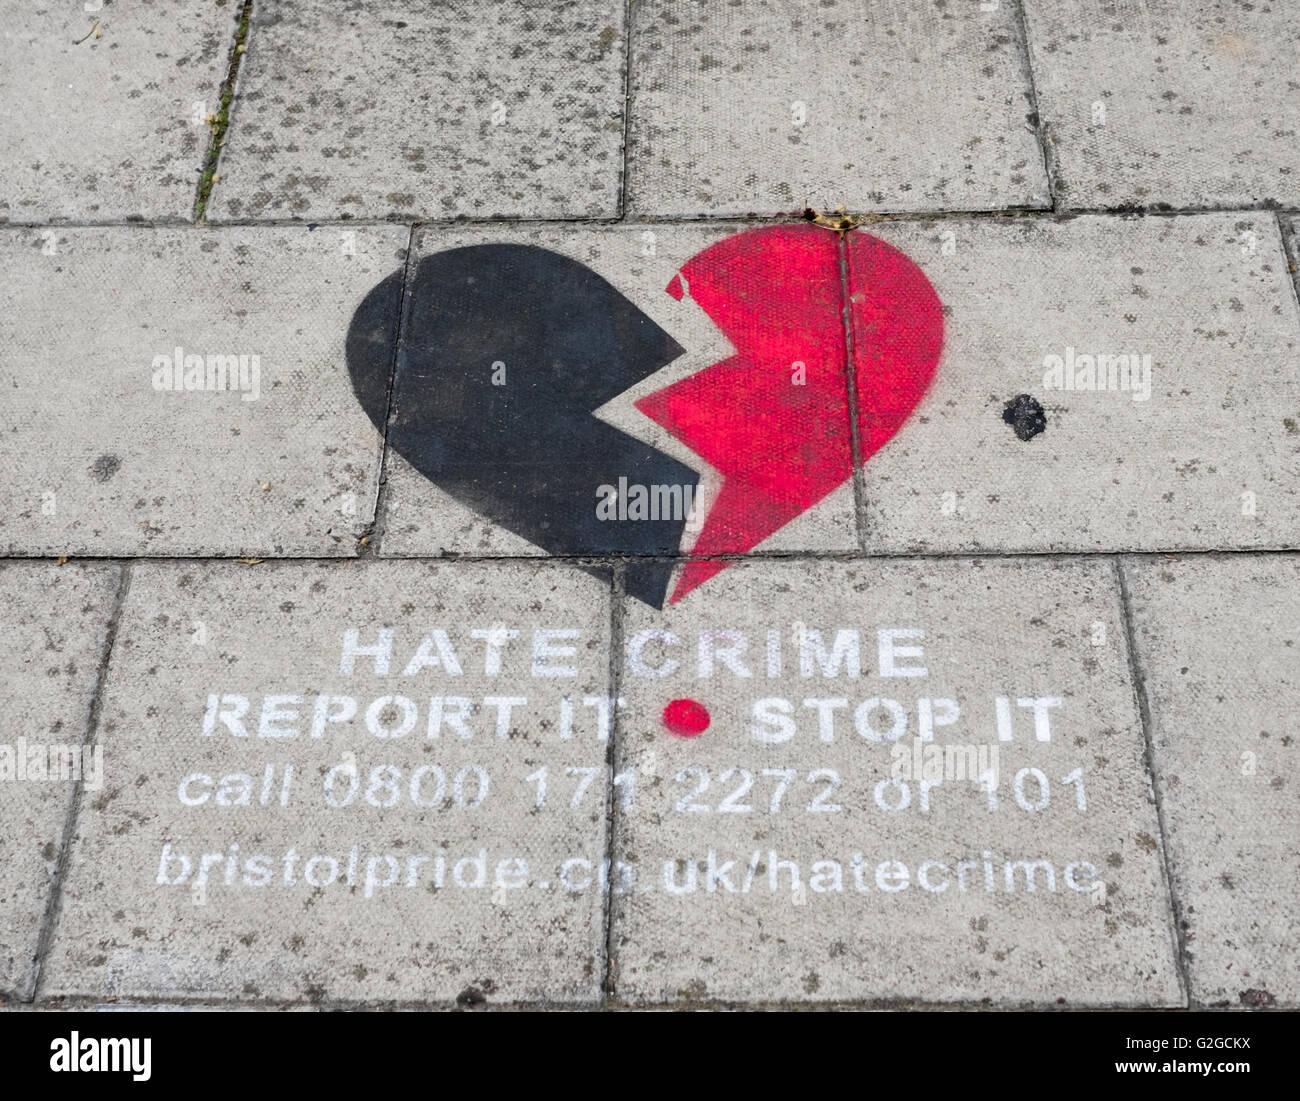 Fresque de la chaussée en soulignant l'emplacement d'un crime haineux à Bristol Photo Stock